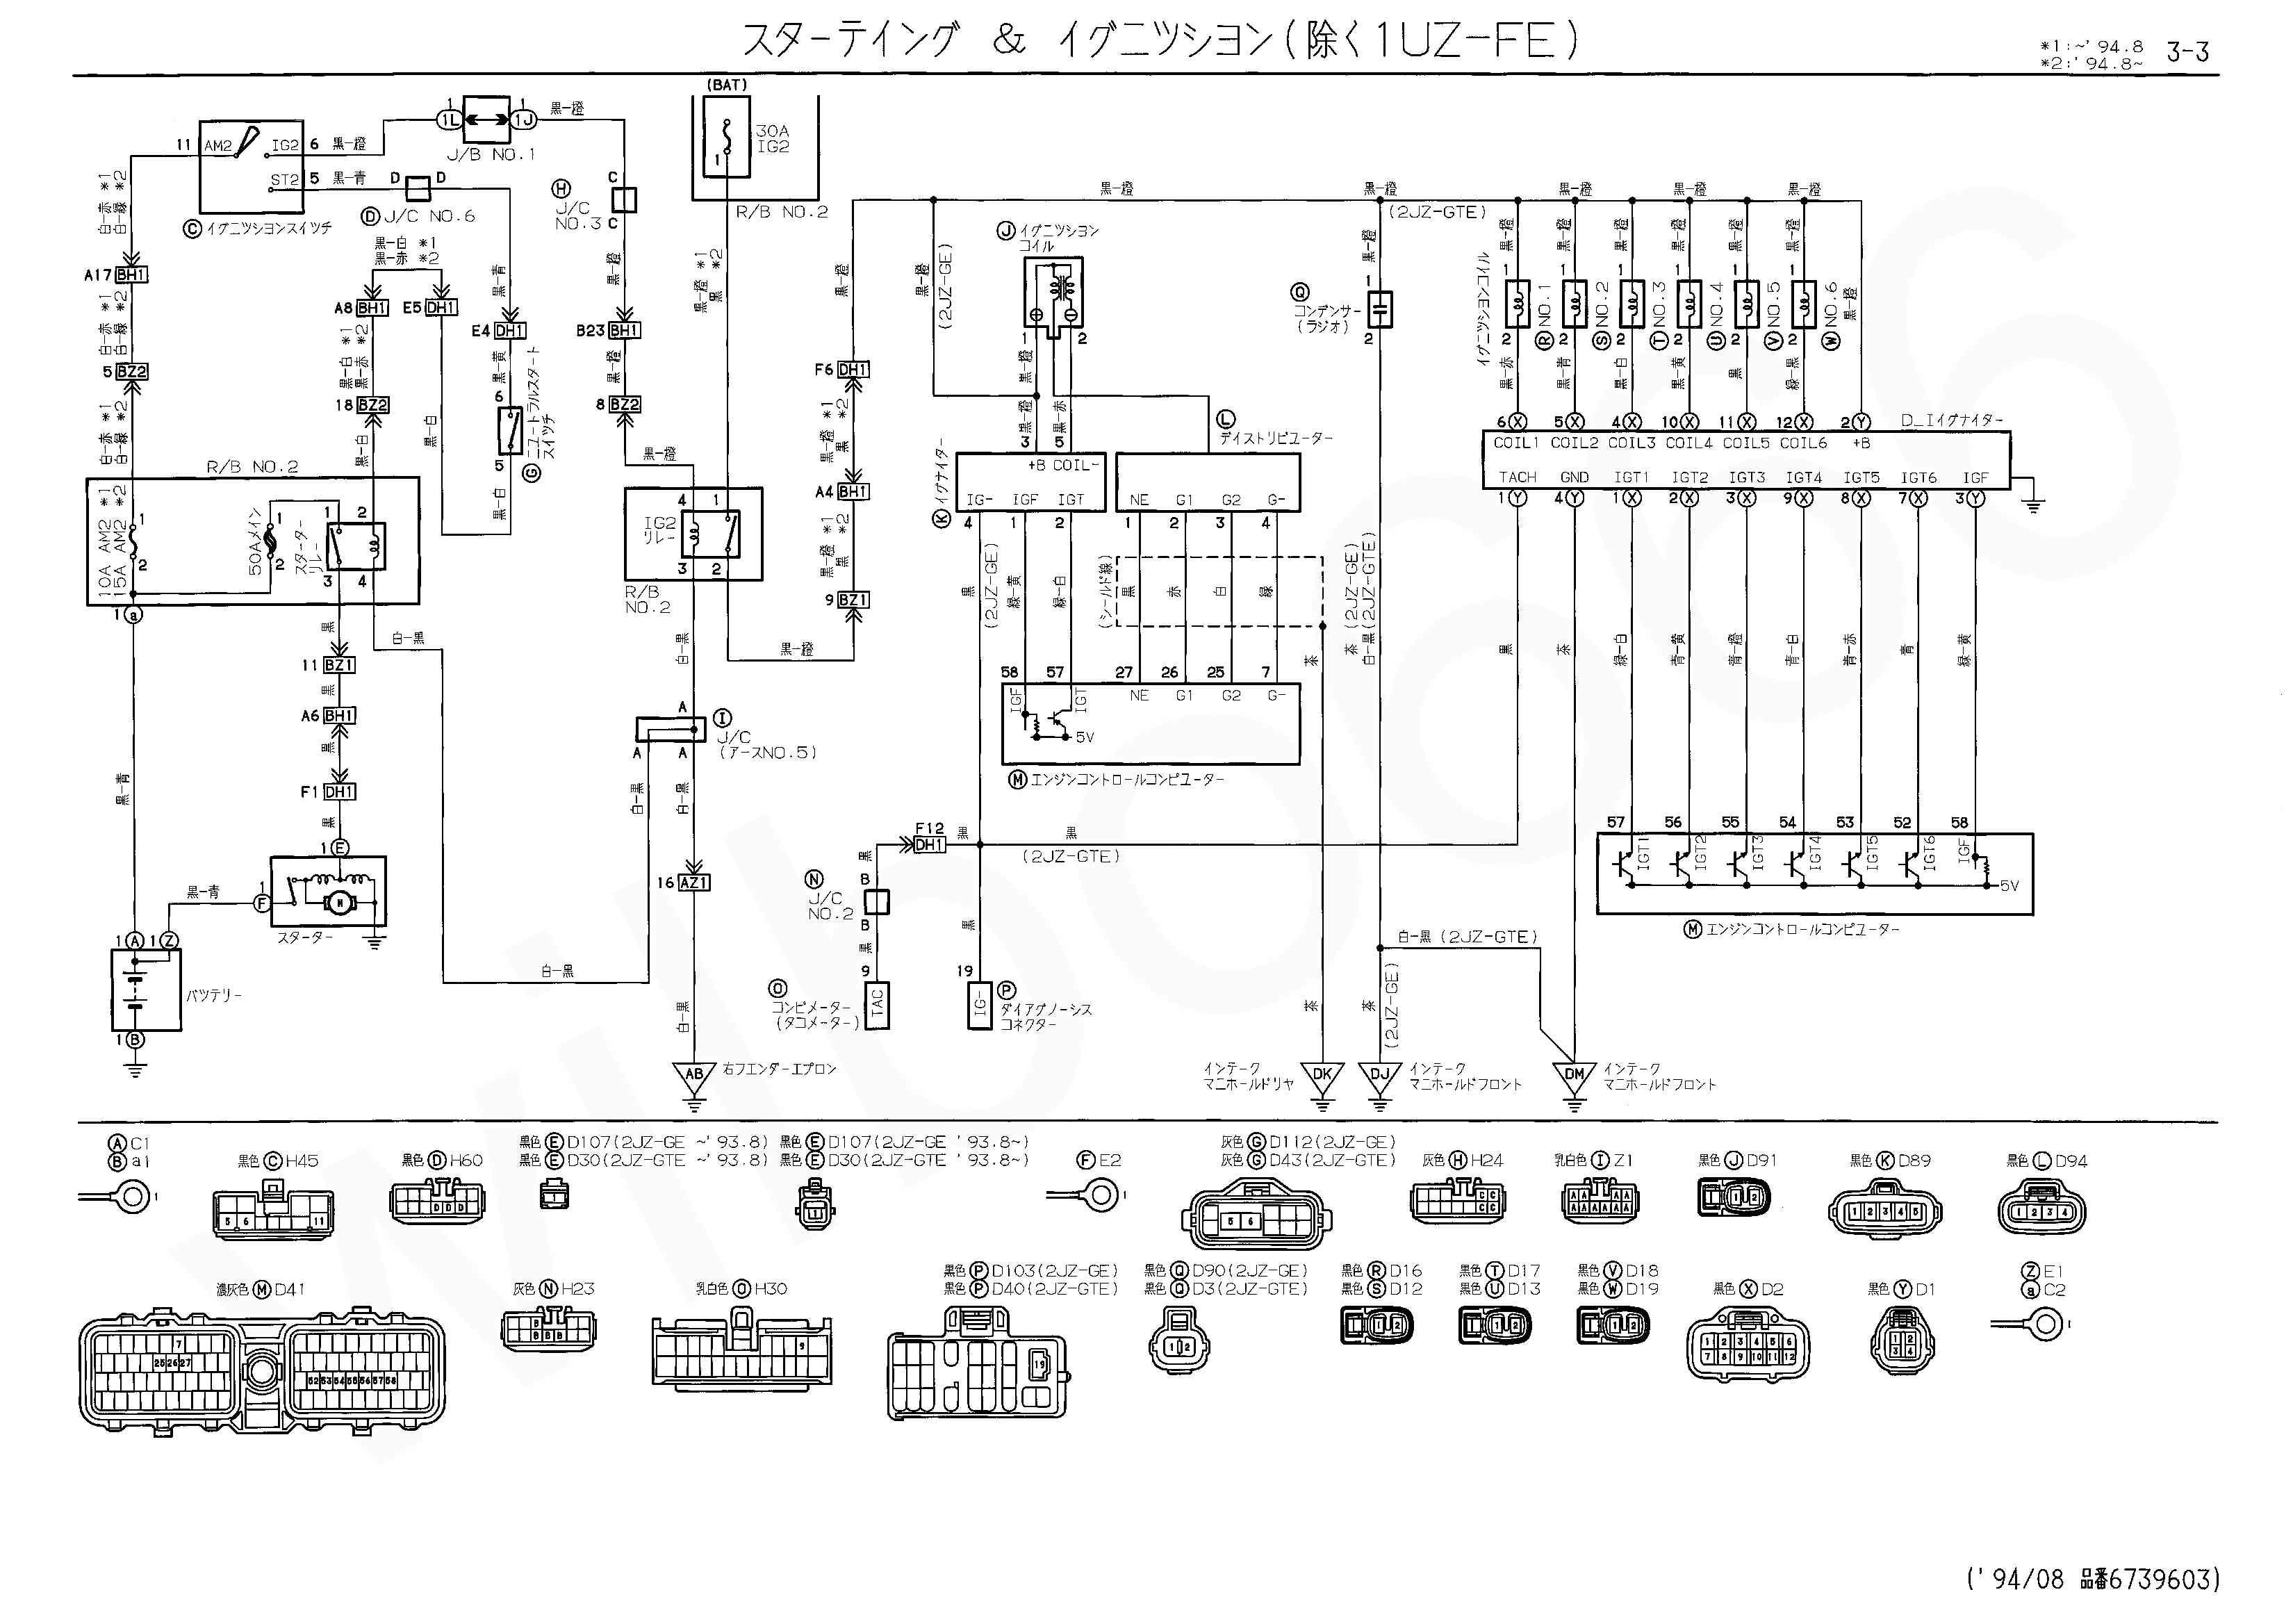 Schema Electrique Duster Pdf